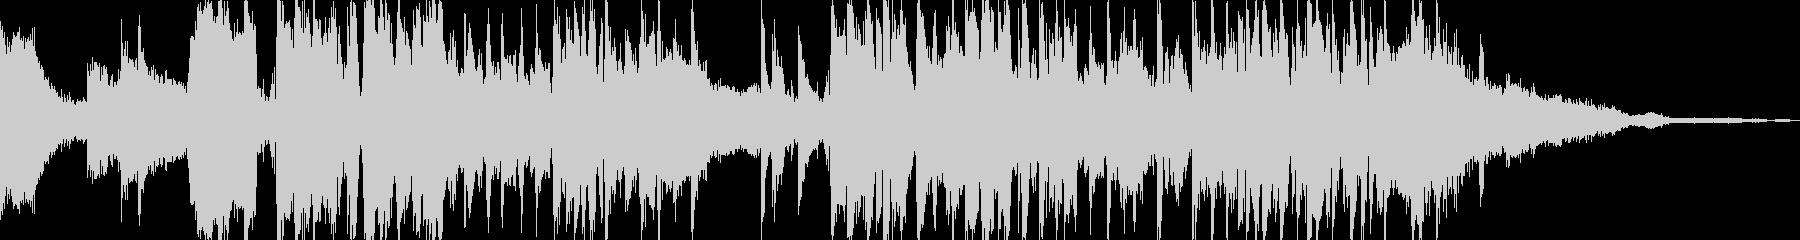 エレクトロニック アクション 静か...の未再生の波形